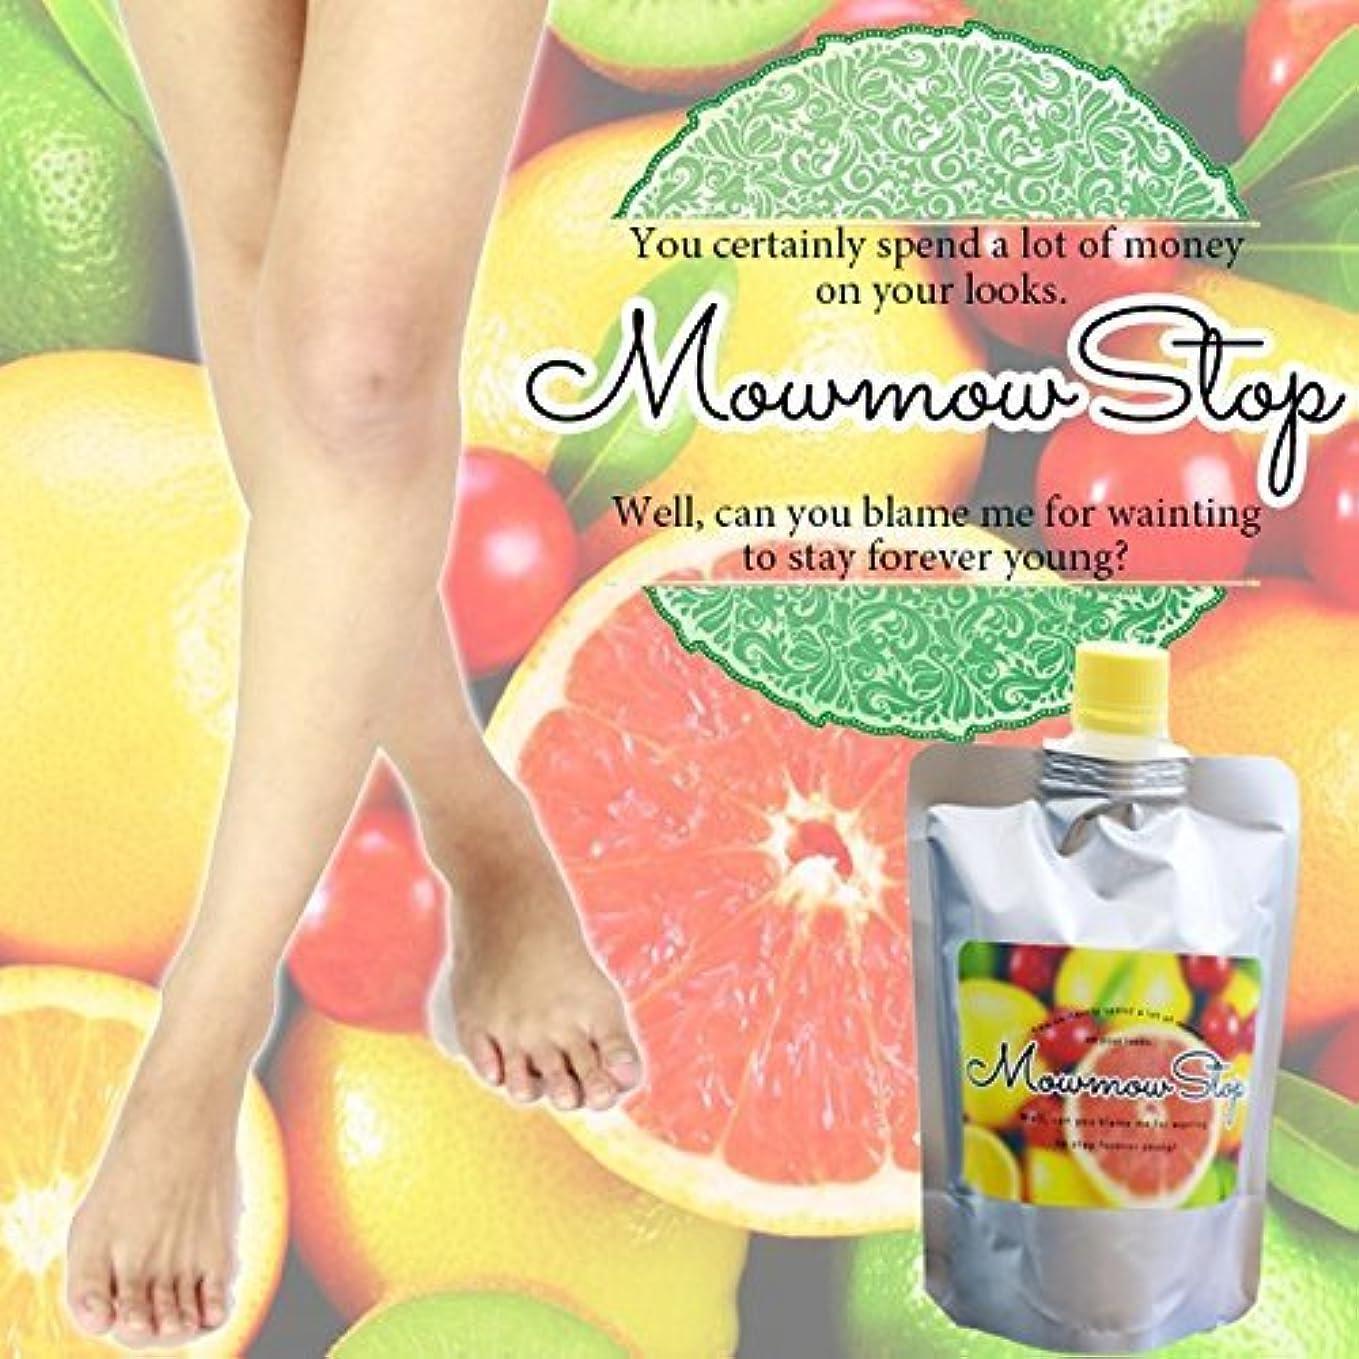 エンジニアリング魅力ビザMow mow Stop /モウモウストップ(医薬部外品)